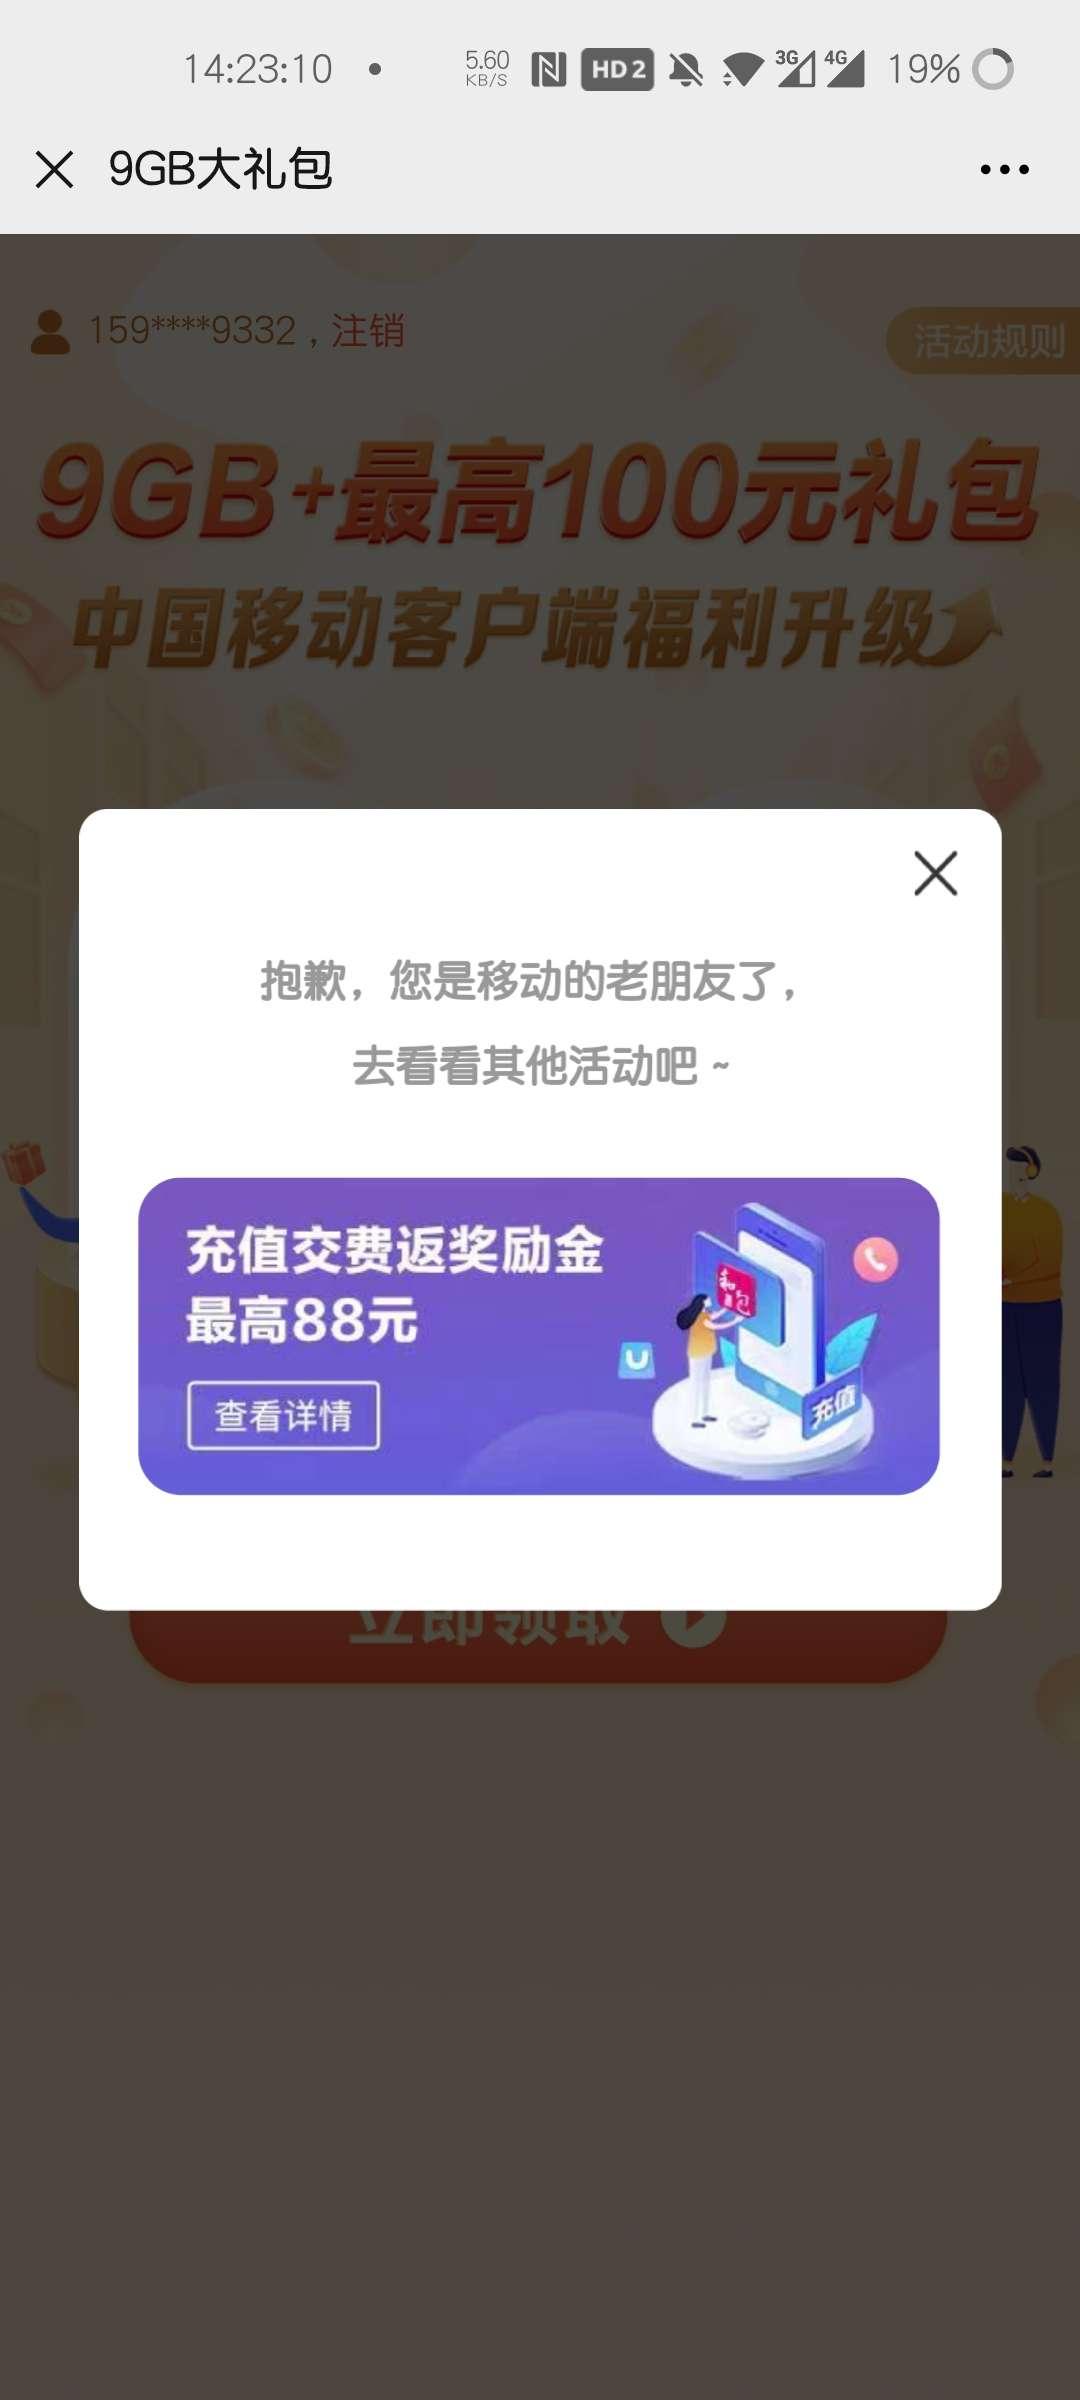 中国移动app新用户领流量,限新